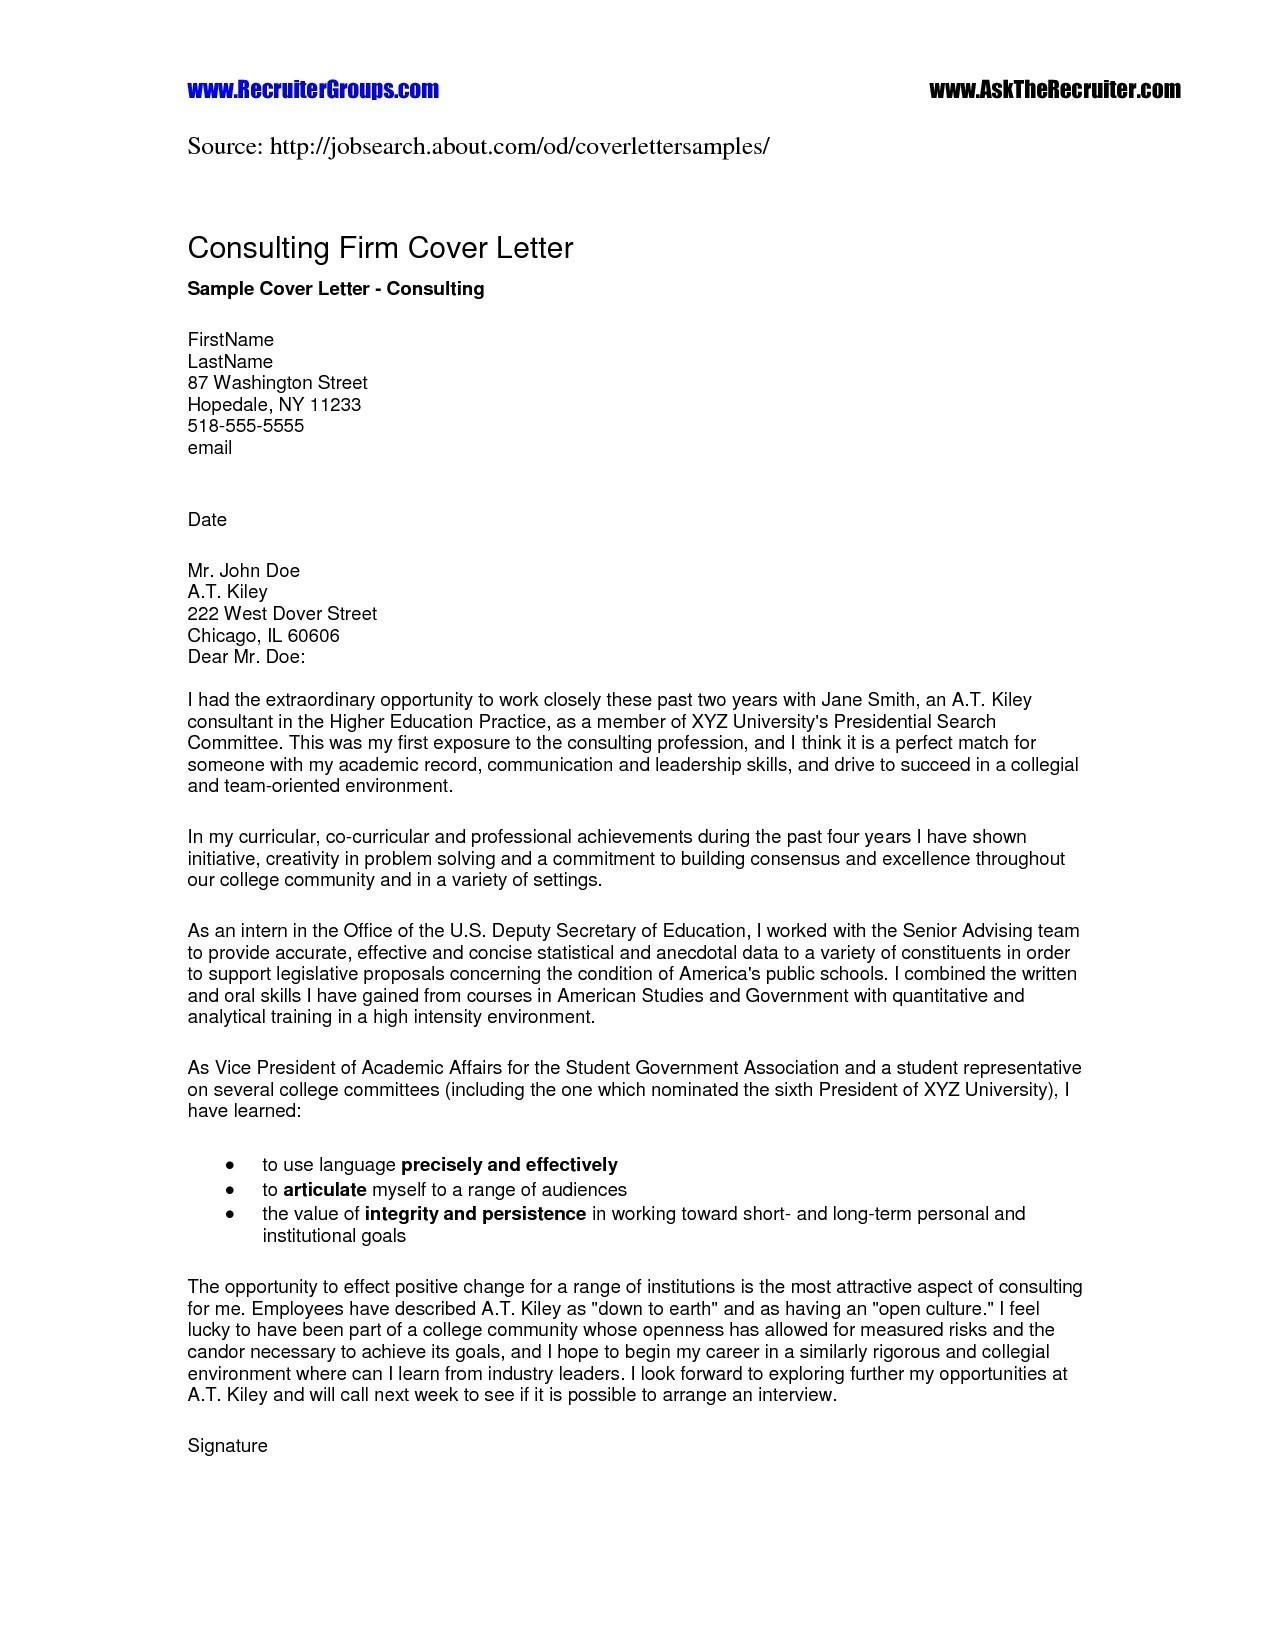 kovel letter template example-Kovel Letter Sample Surprising Job Application Letter format Template Copy Cover Letter Template Hr 20-l